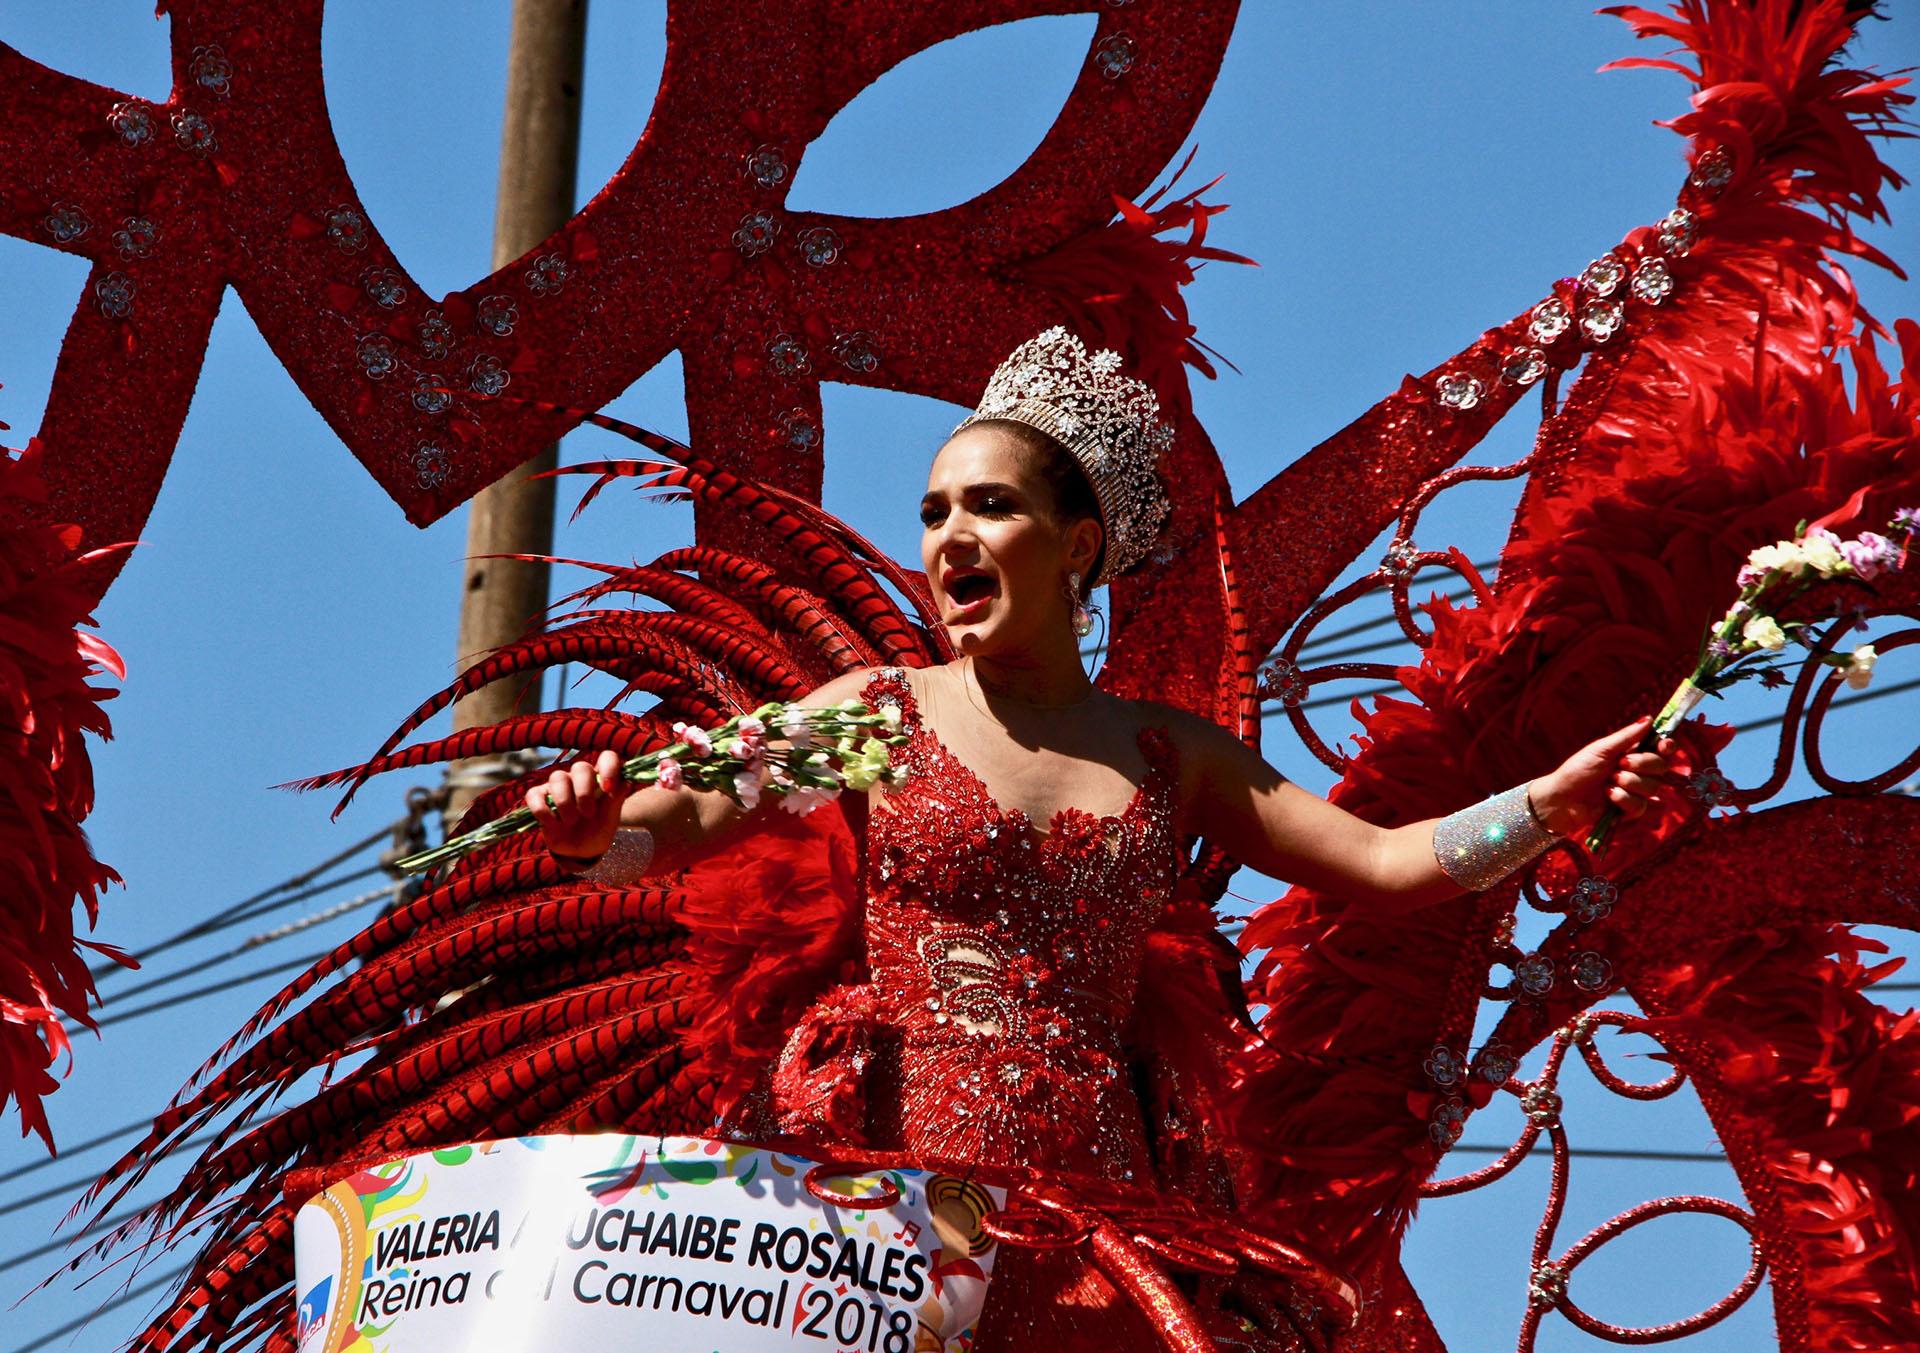 Valeria Abuchaibe, soberana del Carnaval 2018, desfiló con el vestido 'Realeza del Centenario'. El diseño es creación de Amalín De Hazbún, inspirada en las 100 mujeres que han sido reinas de la fiesta barranquillera